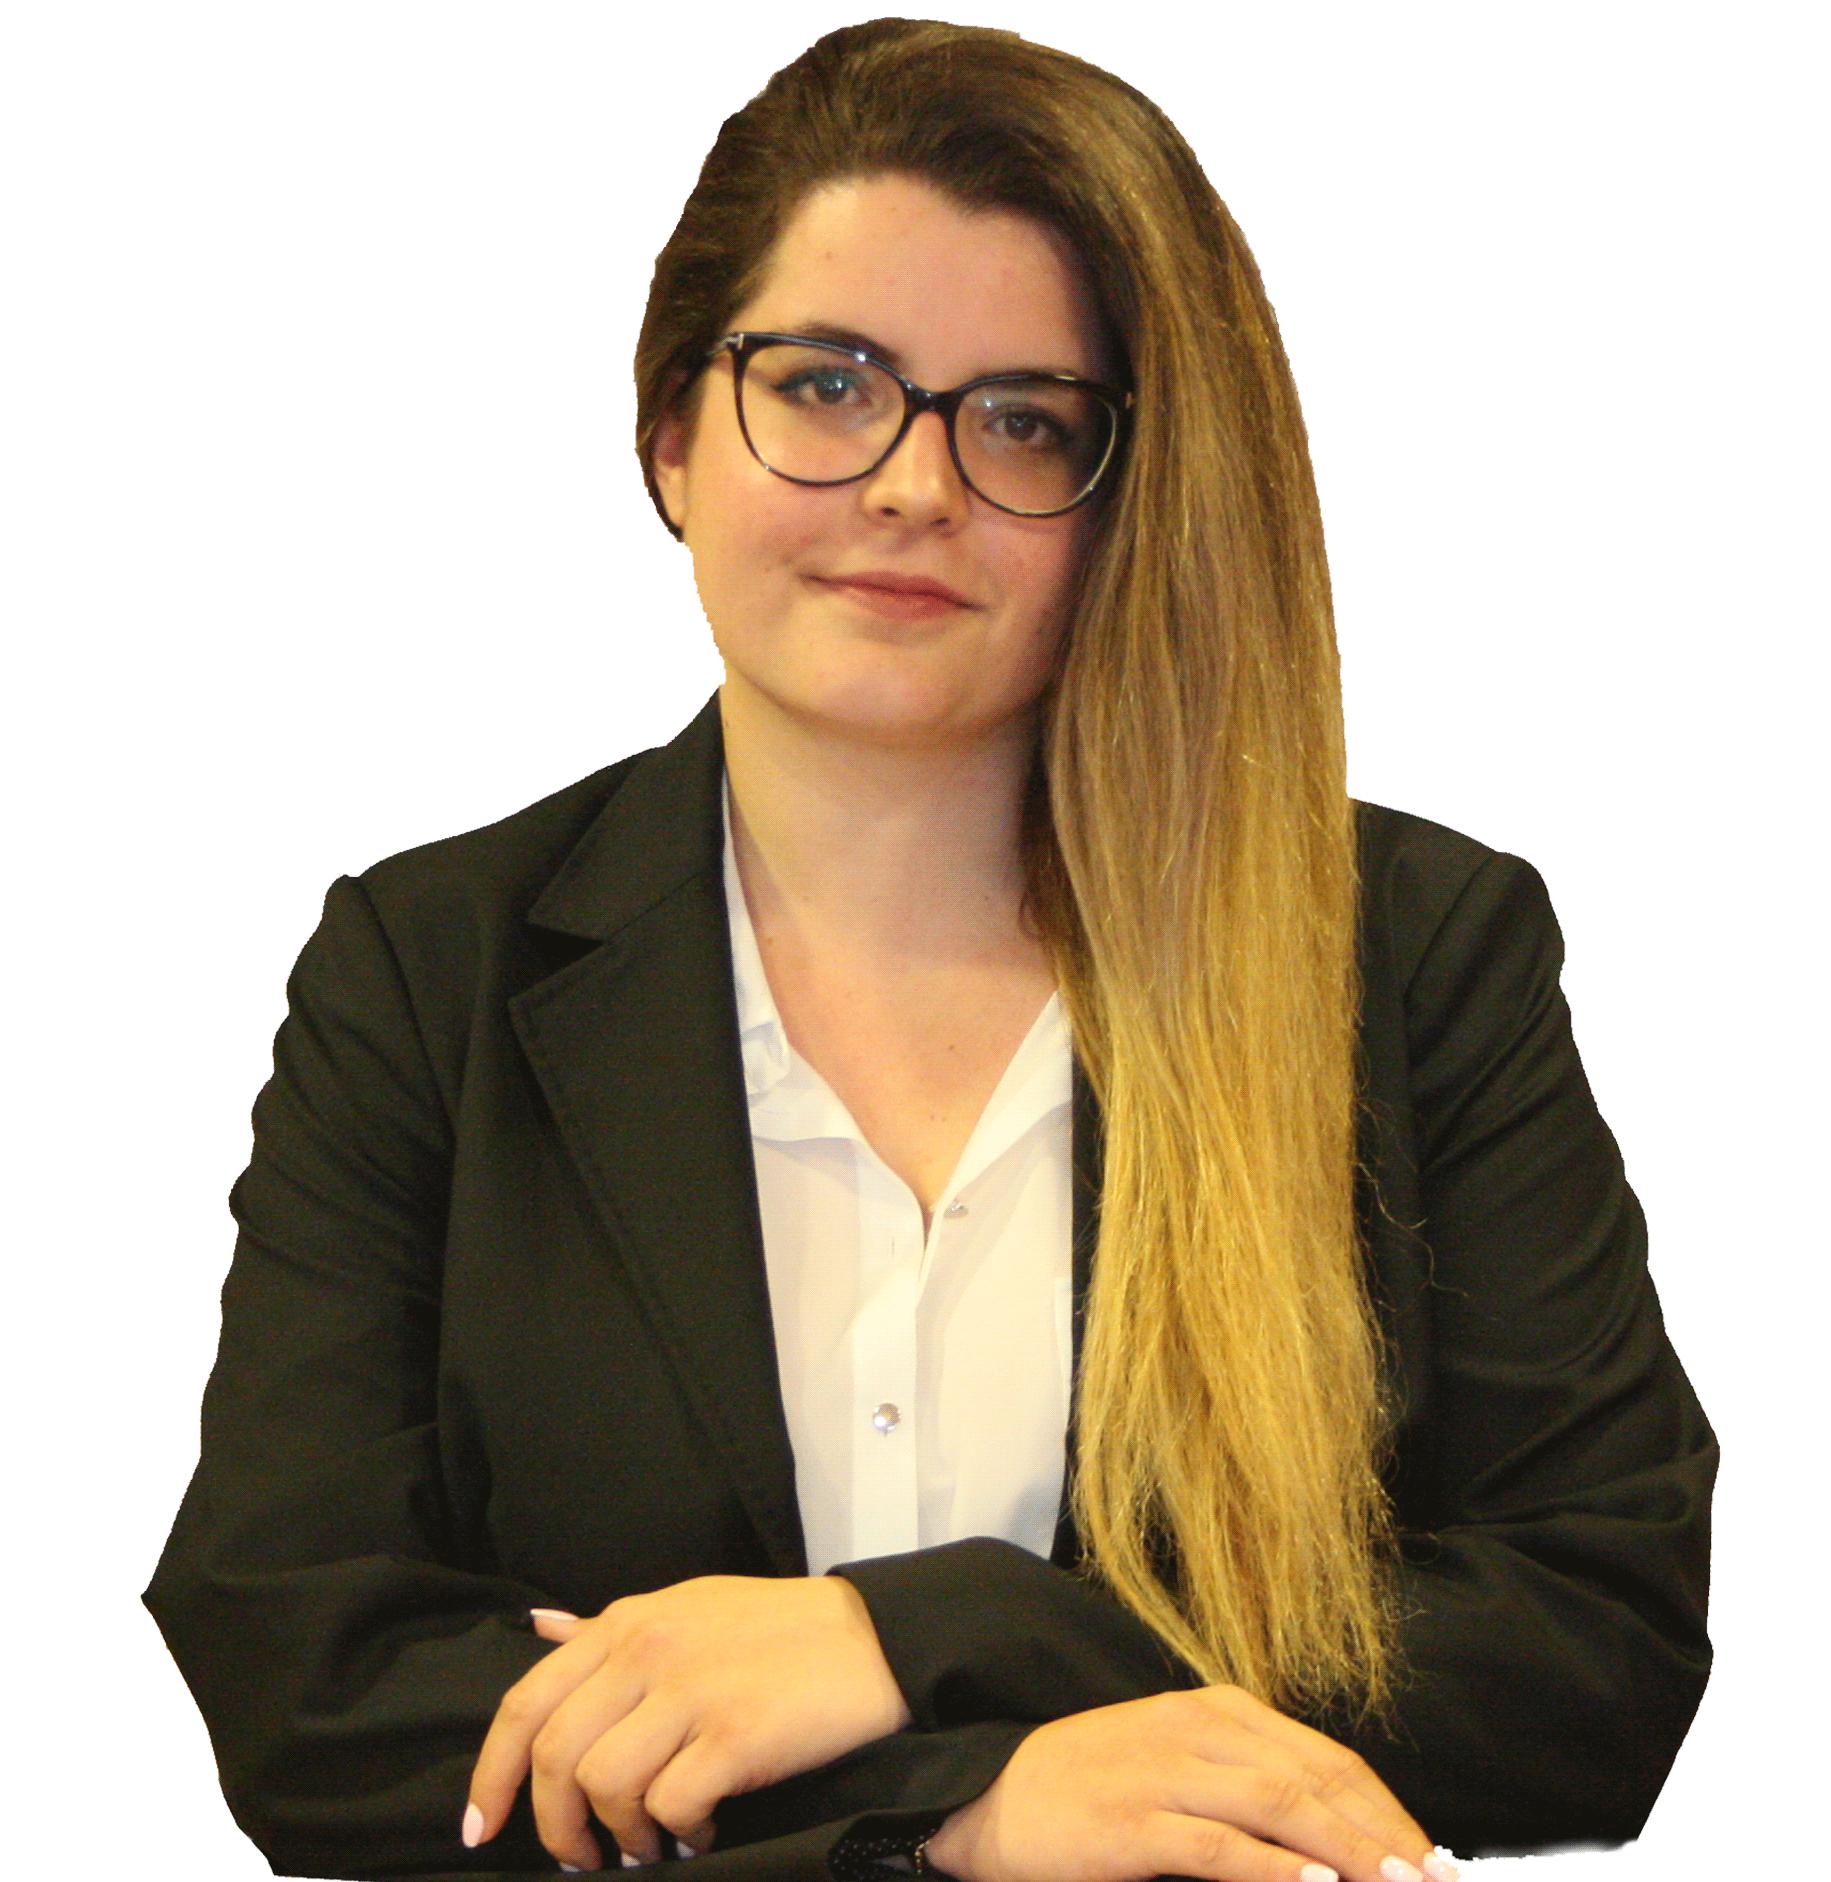 Maria Sesplugues